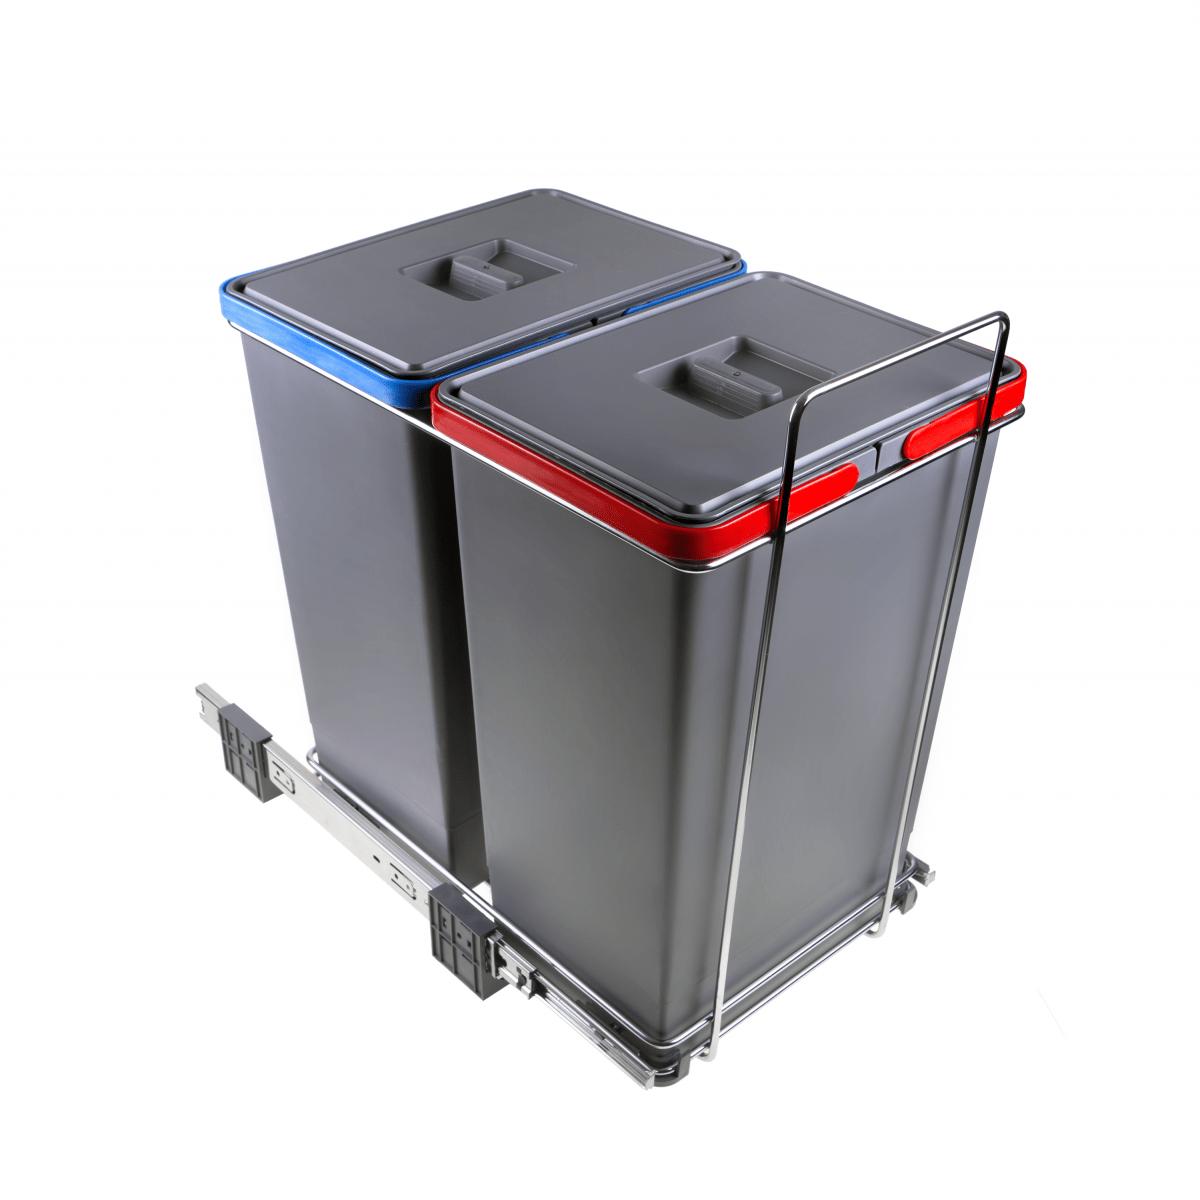 Box Per Bidoni Spazzatura bidoni raccolta differenziata estraibili per mobili 2 contenitori  spazzatura 24+24 litri in plastica e acciaio colore grigio - pf01 44b2  ecofil